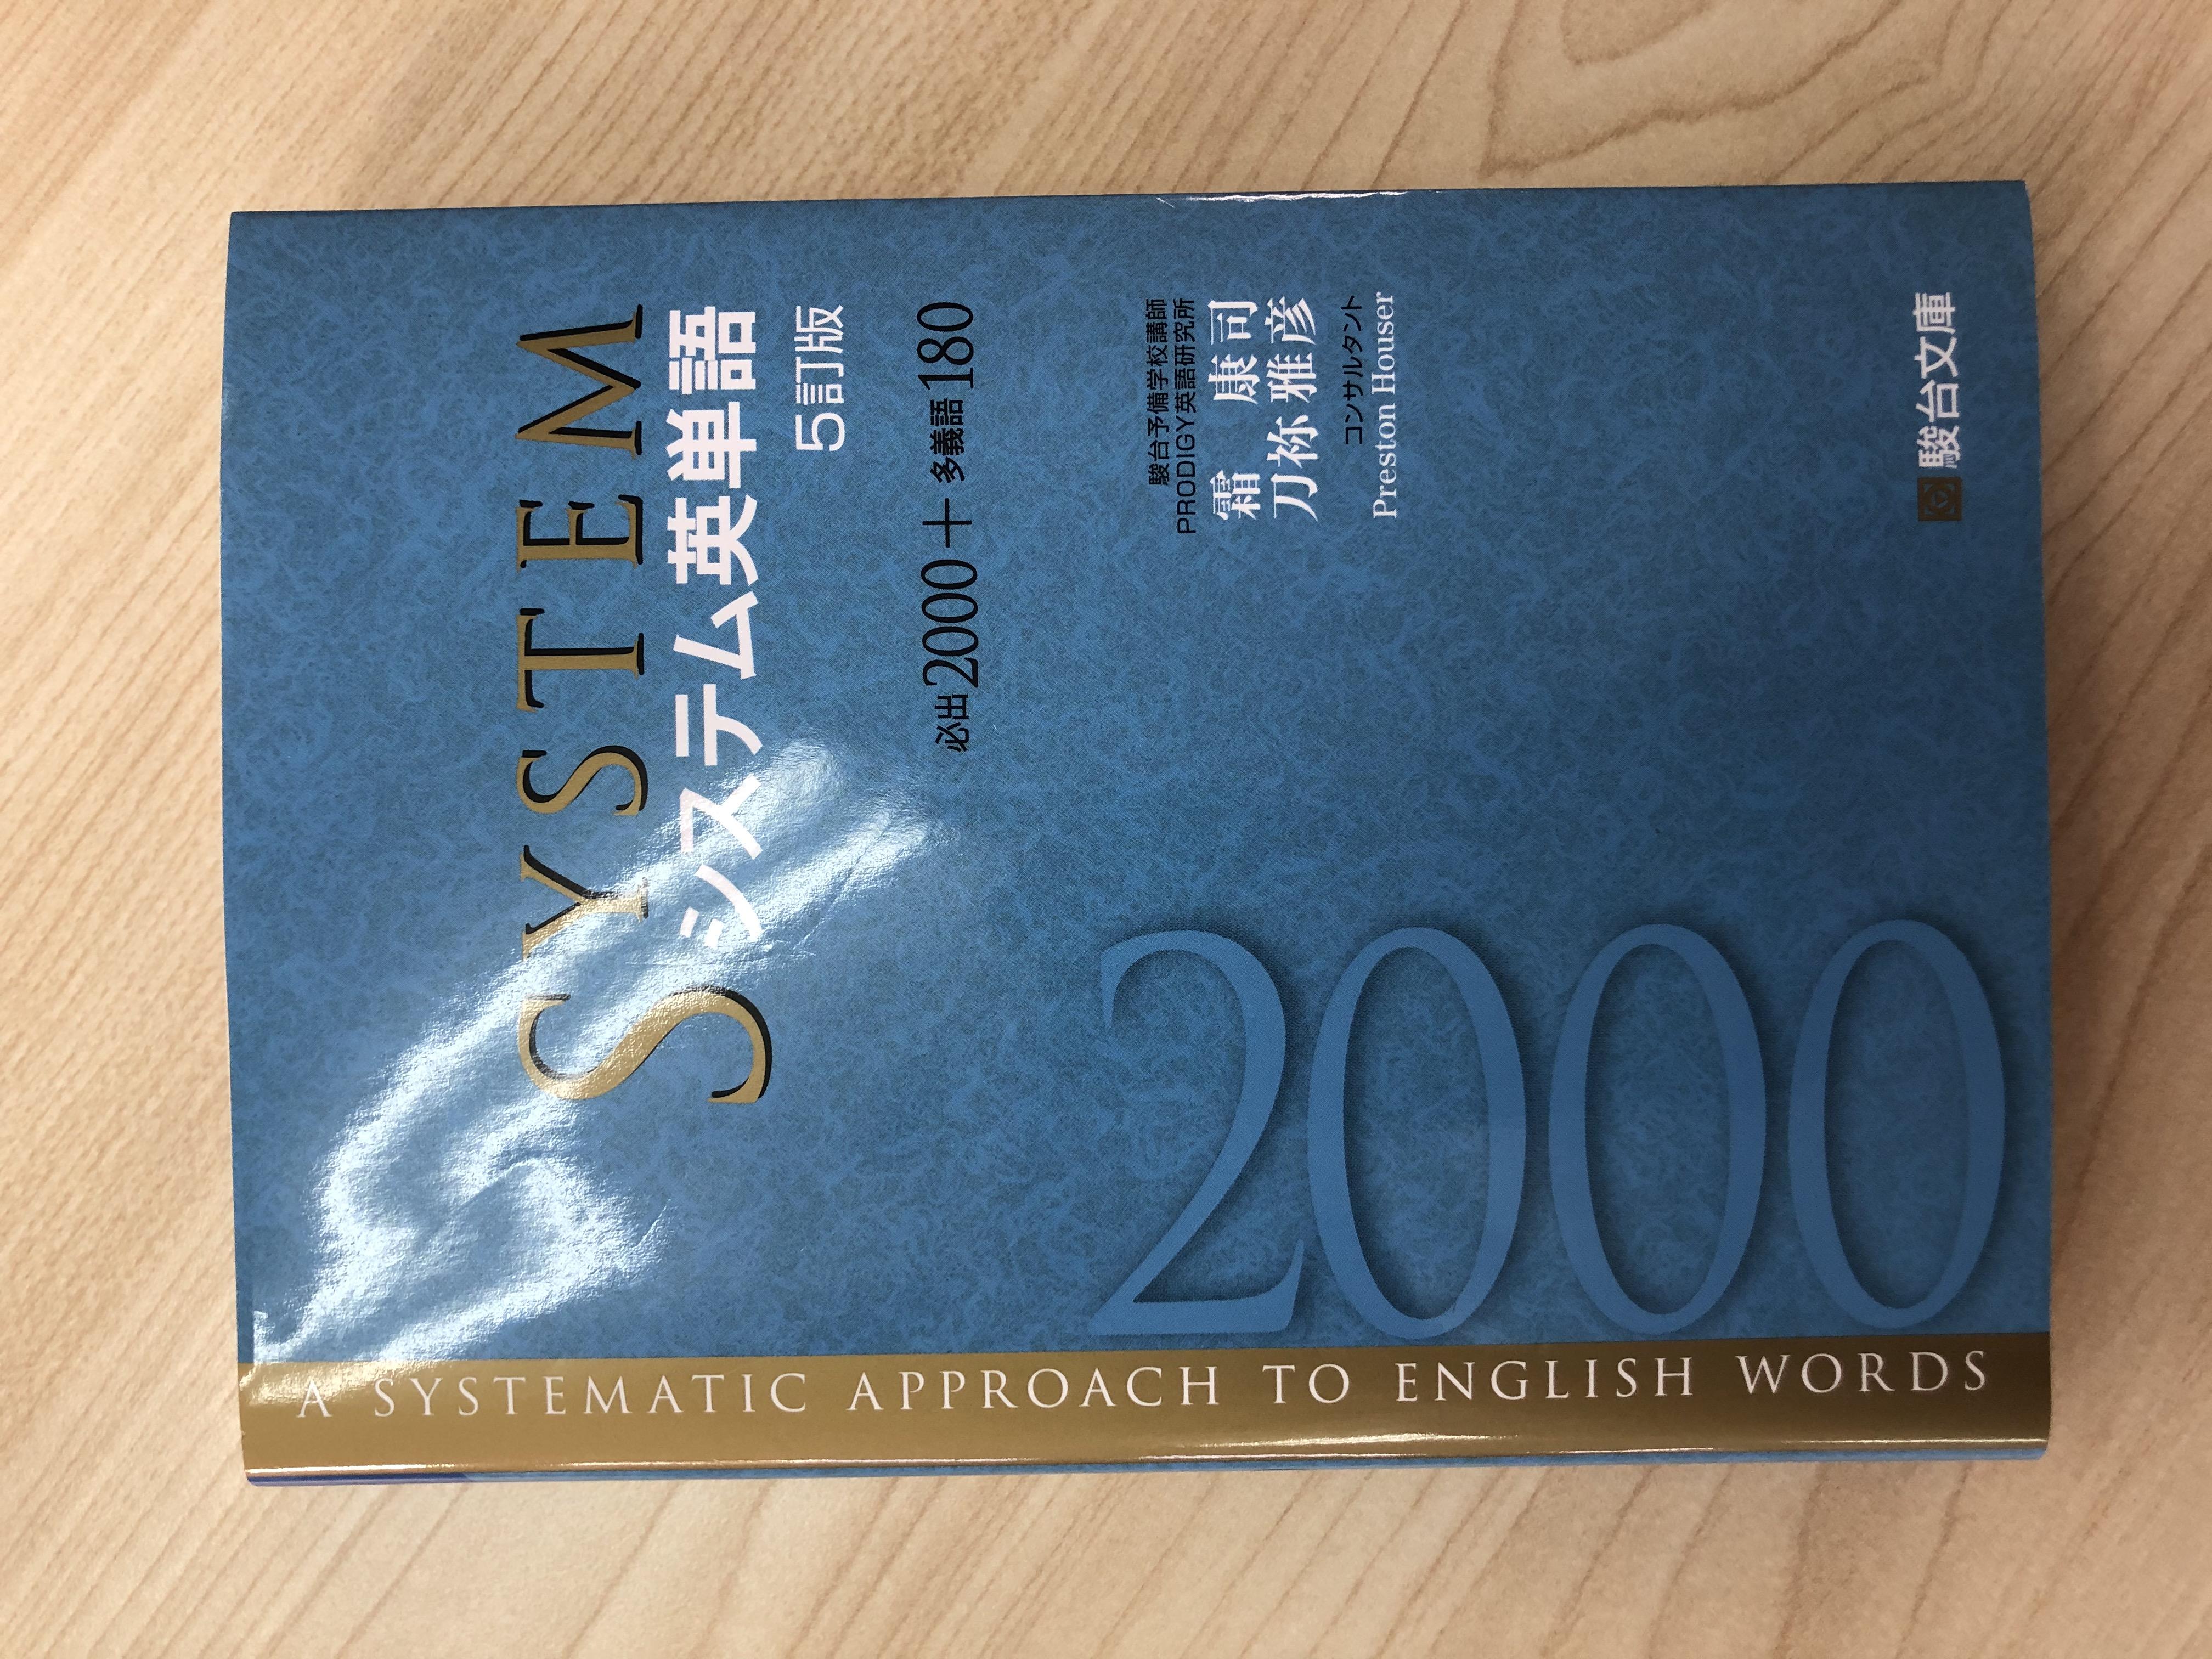 201DCEAC-F900-4815-B760-12AAE705BE4D